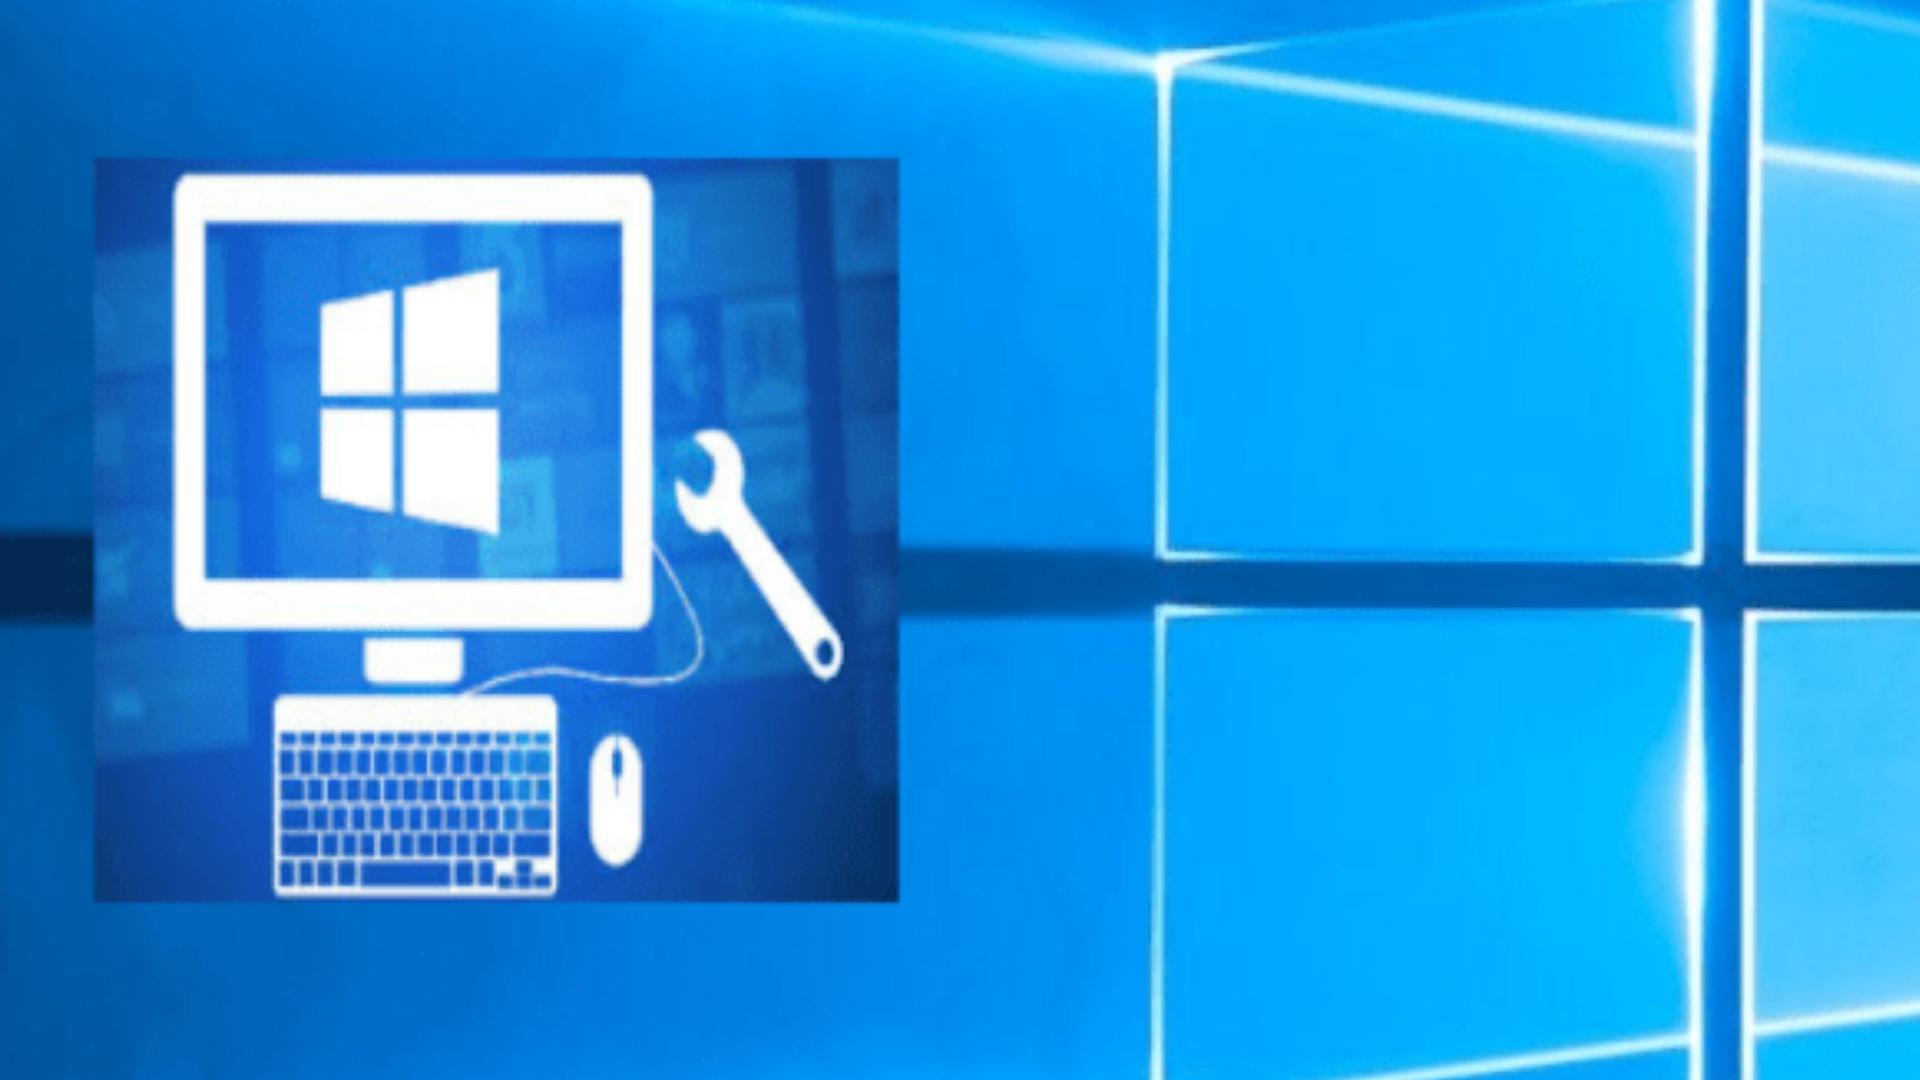 Windows 10'da Bilgisayar Performansına Yönelik İpuçları